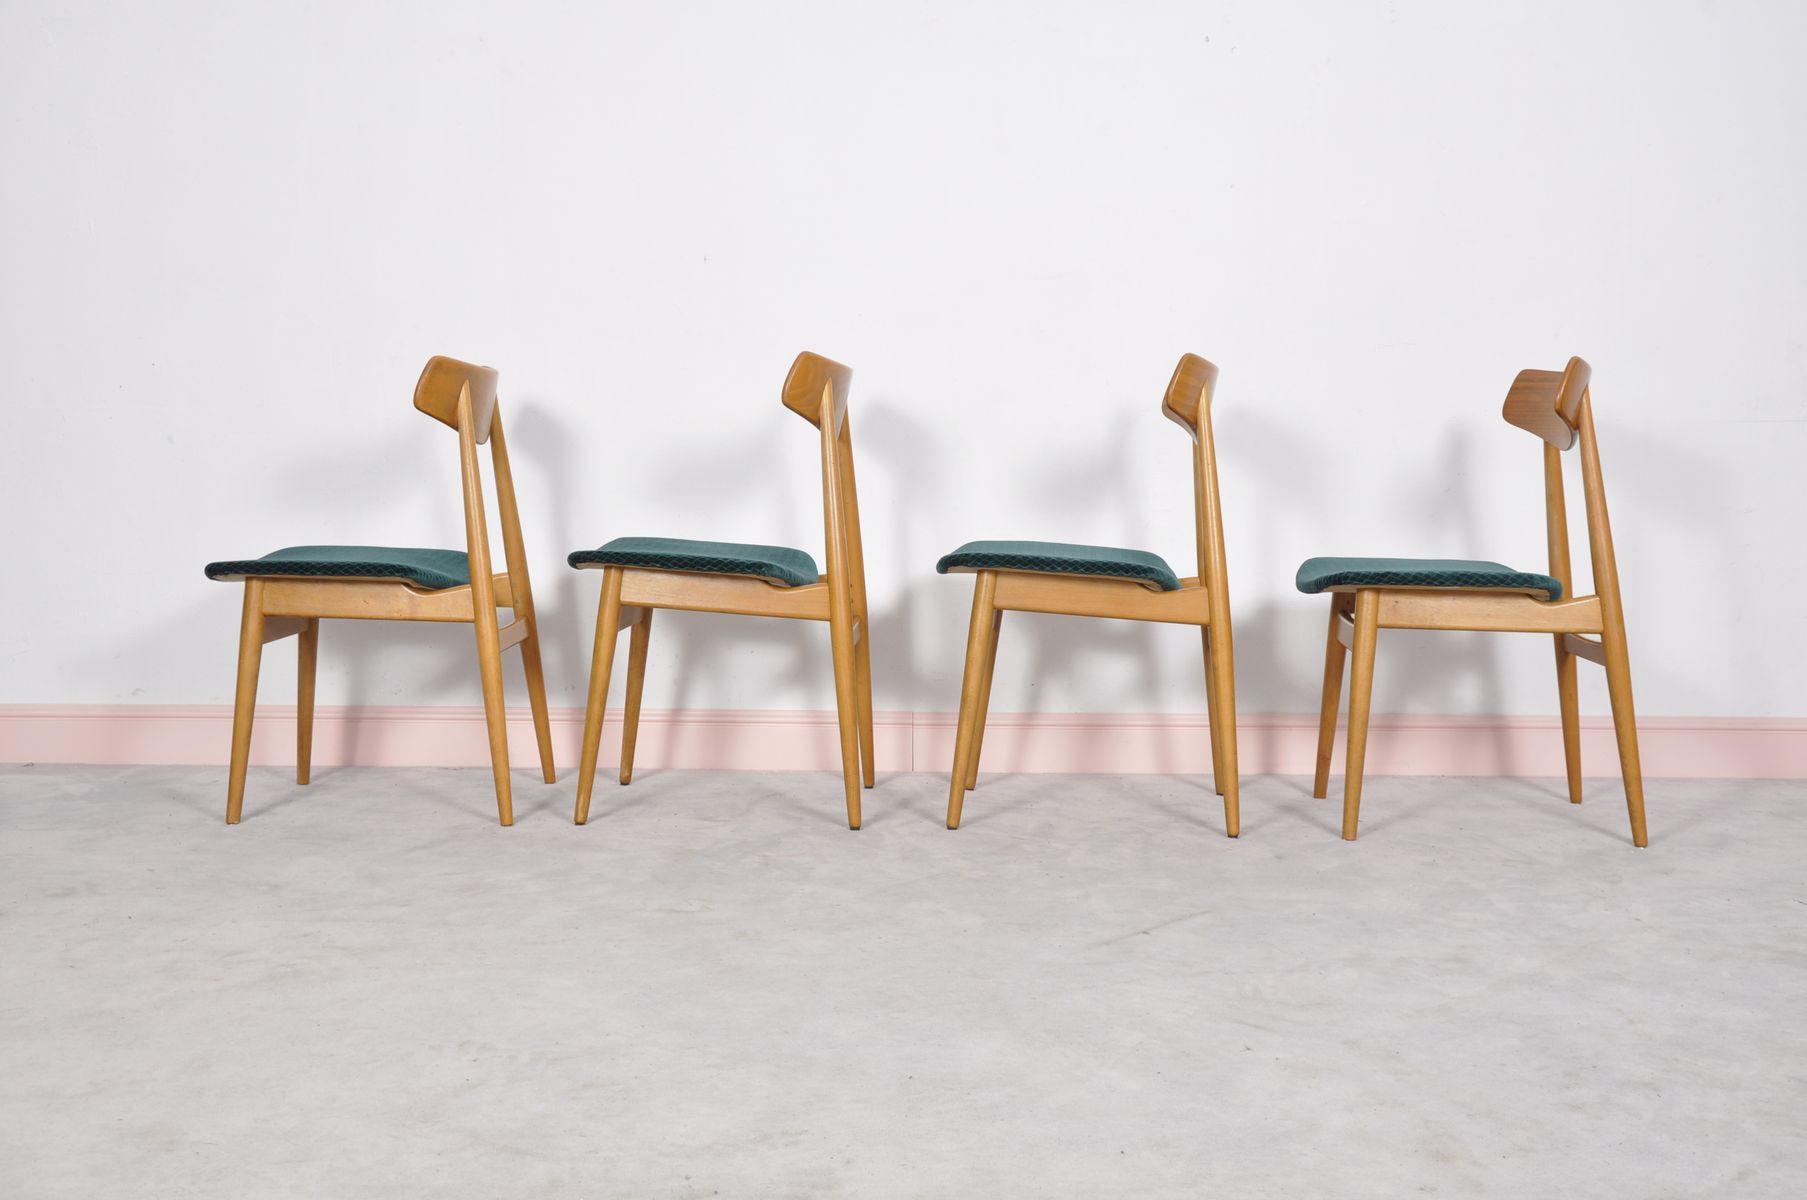 Chaises de salle manger en ch ne scandinavie 1960s for Salle a manger annee 1960